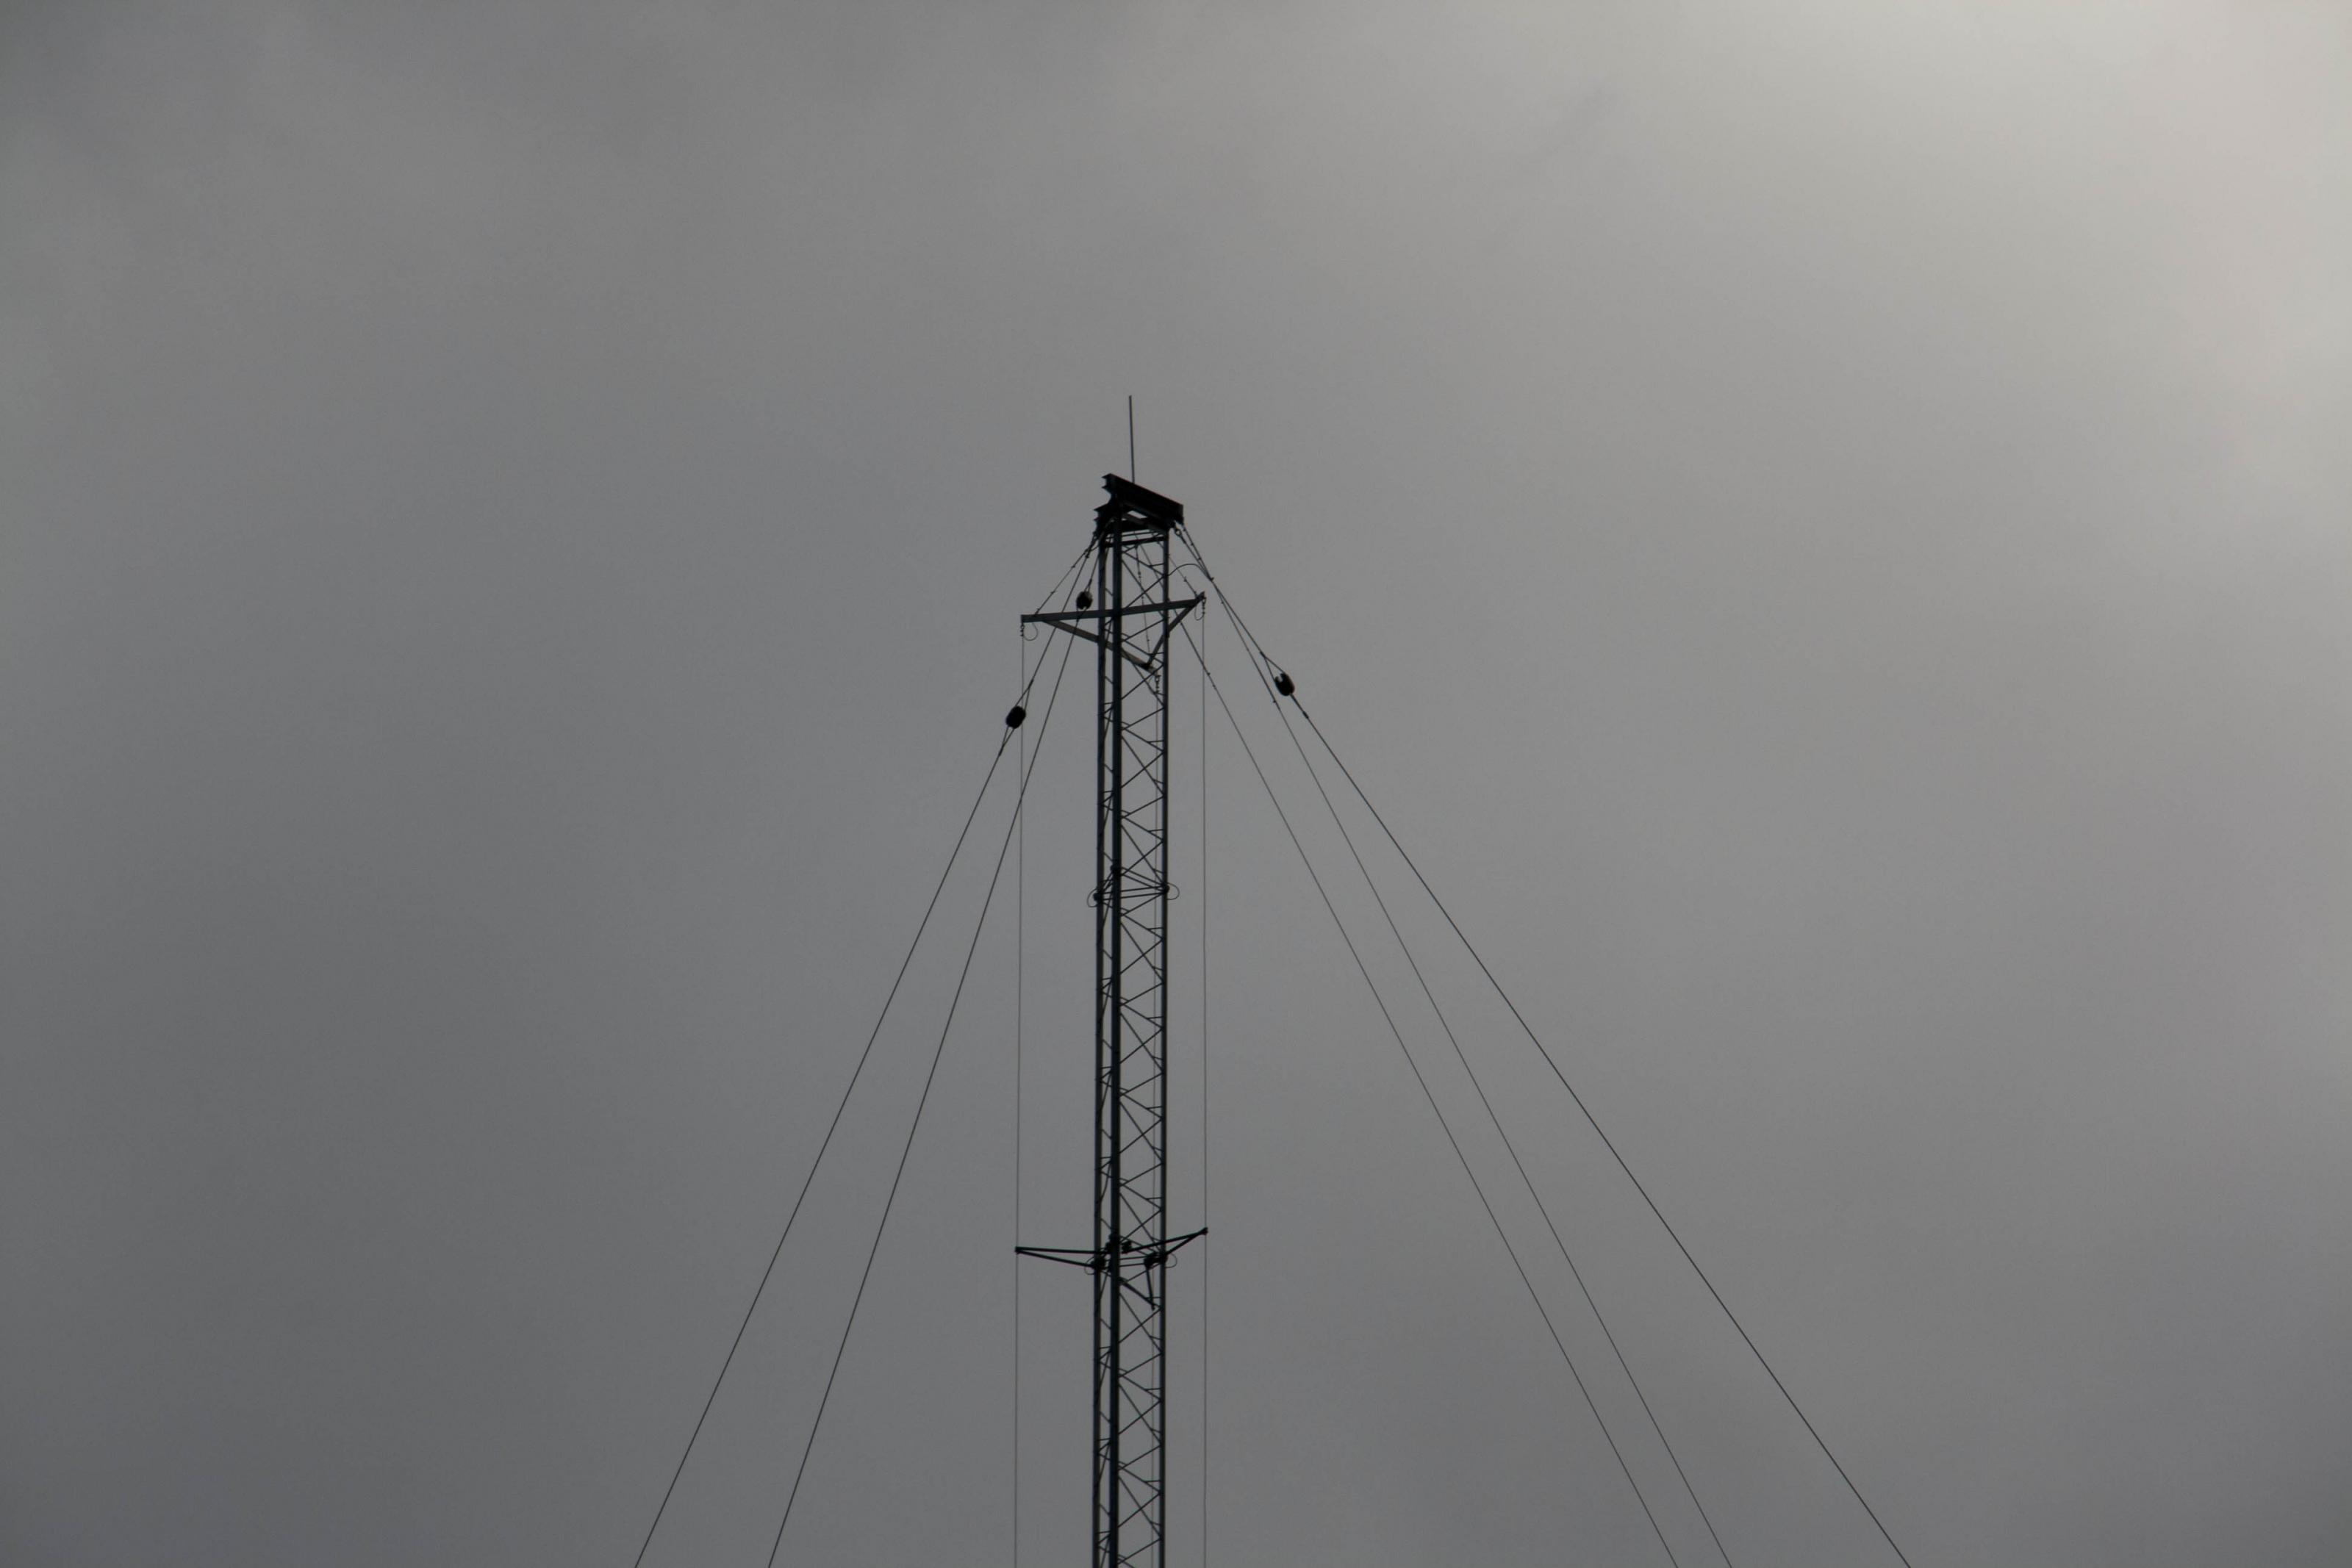 2010-10-16-828Heinenoord-0012.jpg